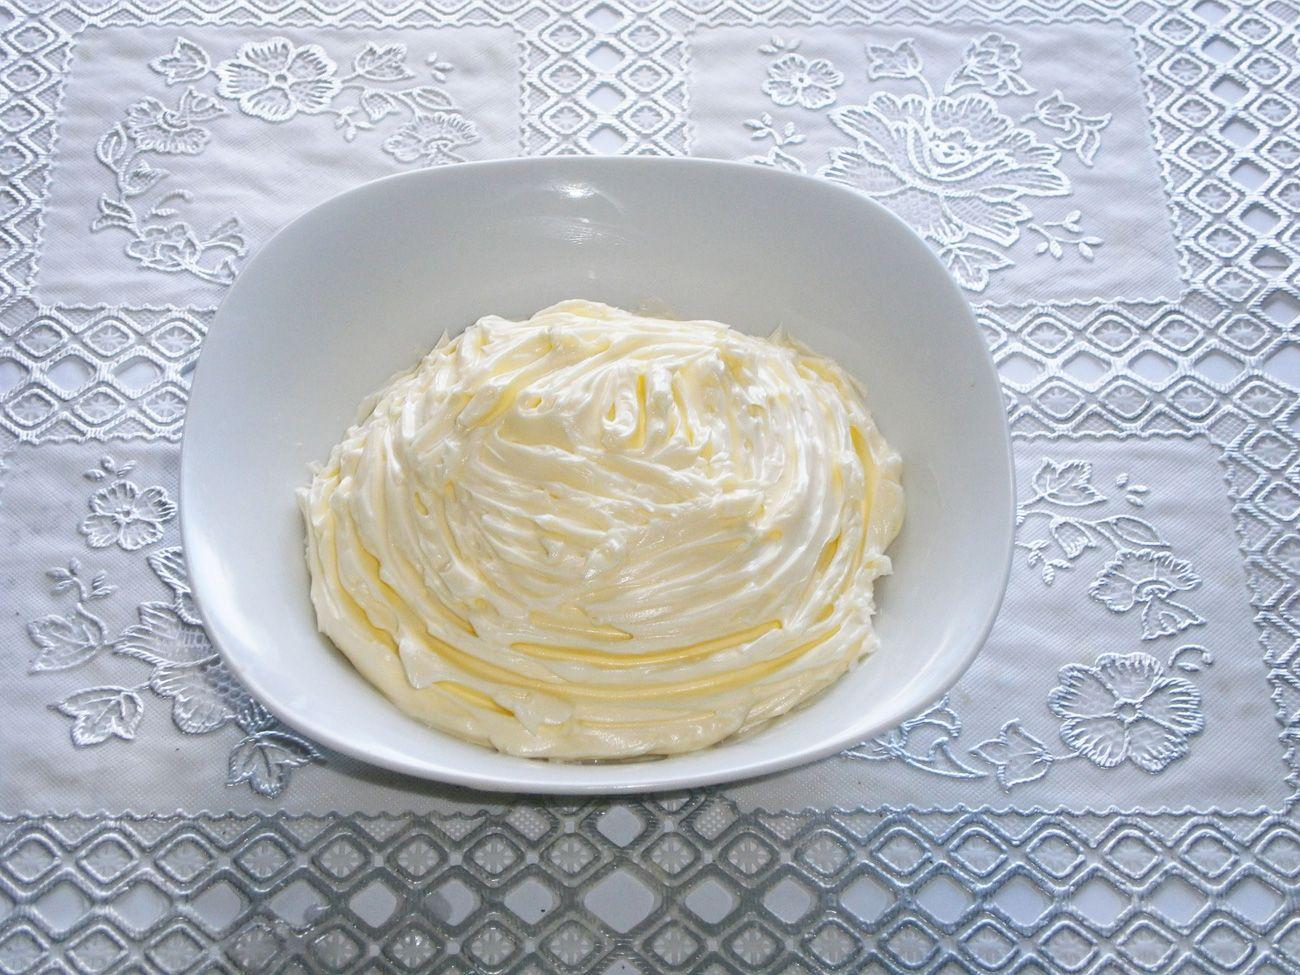 с торта сливочный для фото крем